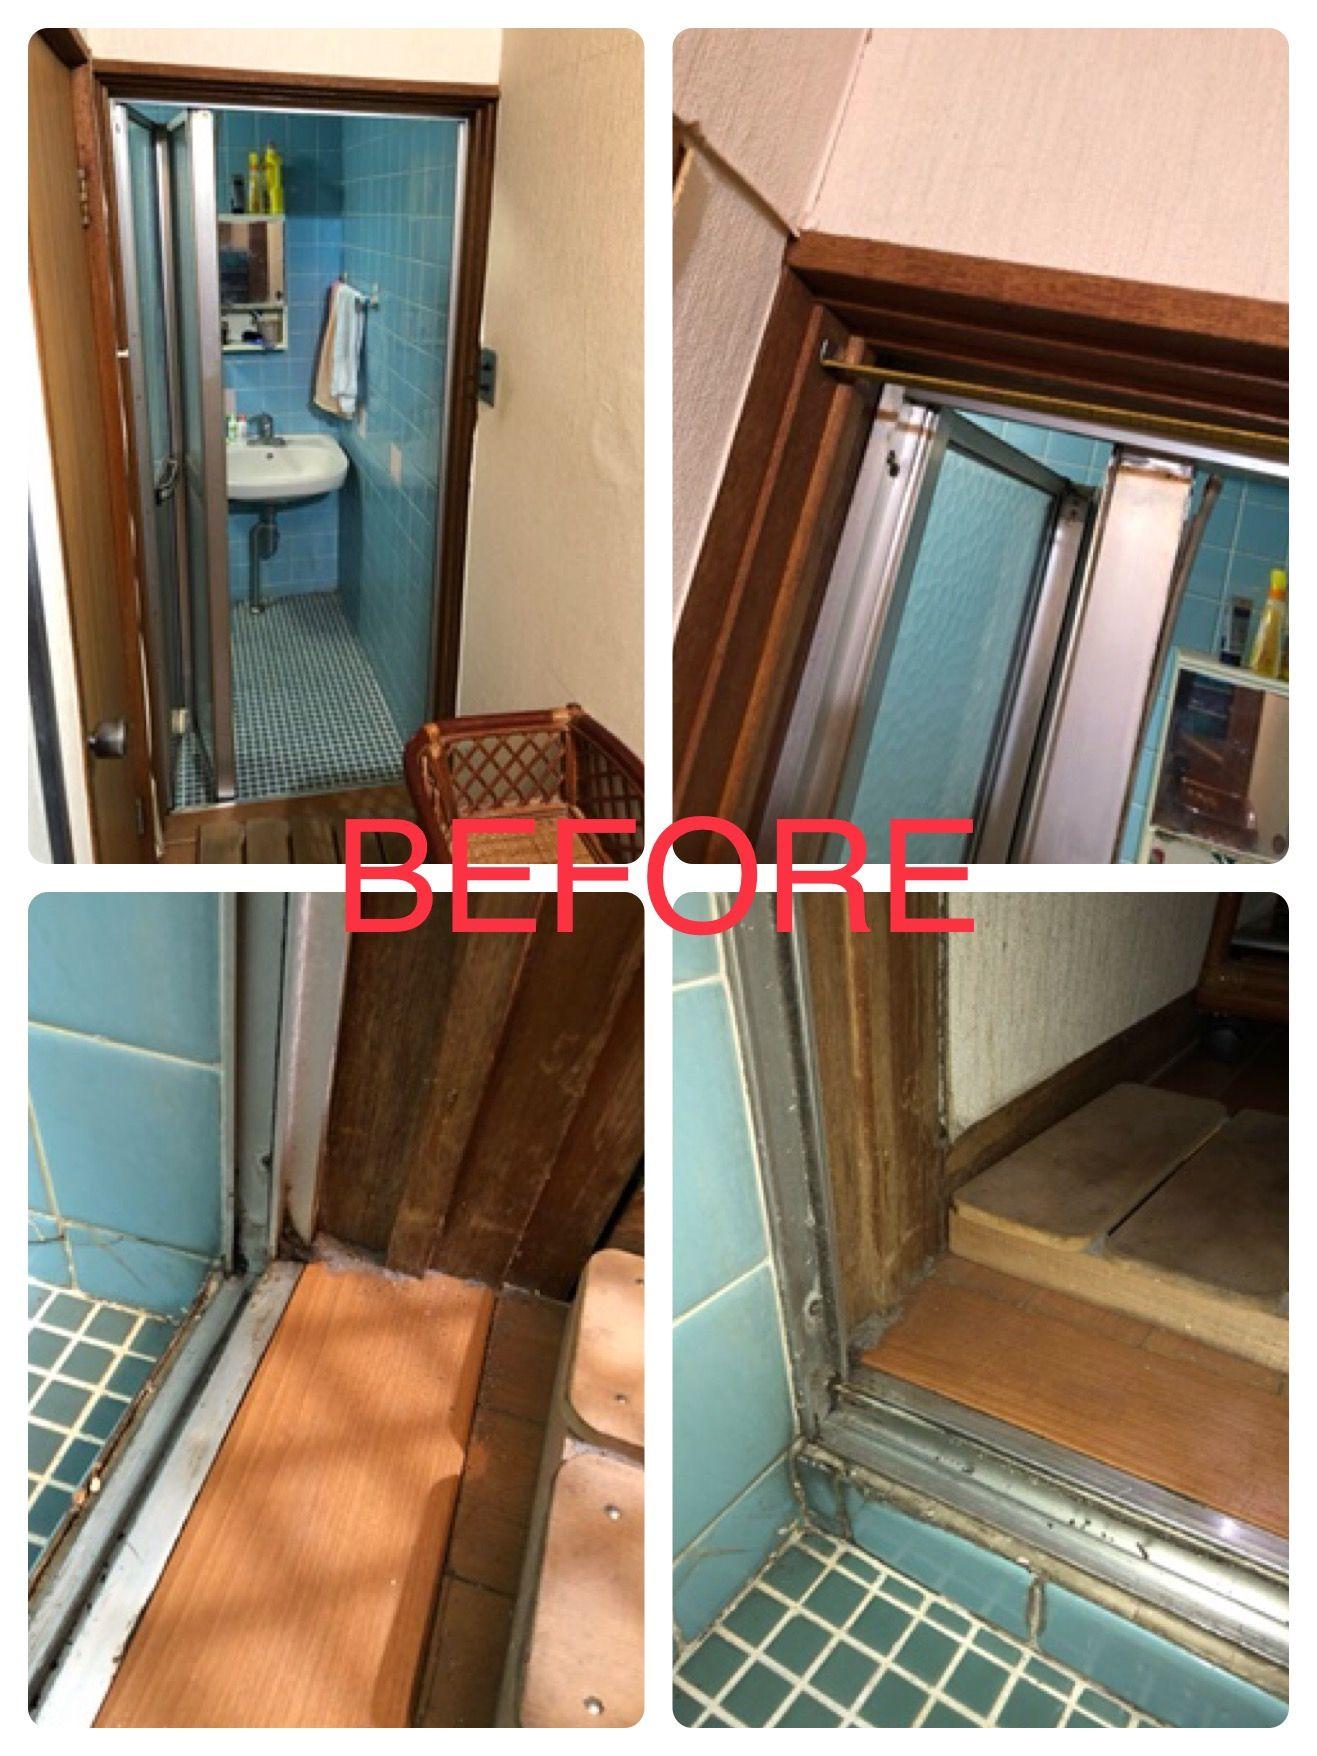 浴室折れ戸の交換 Lixil浴室中折れドアsf型 洗面台やトイレ 給湯器